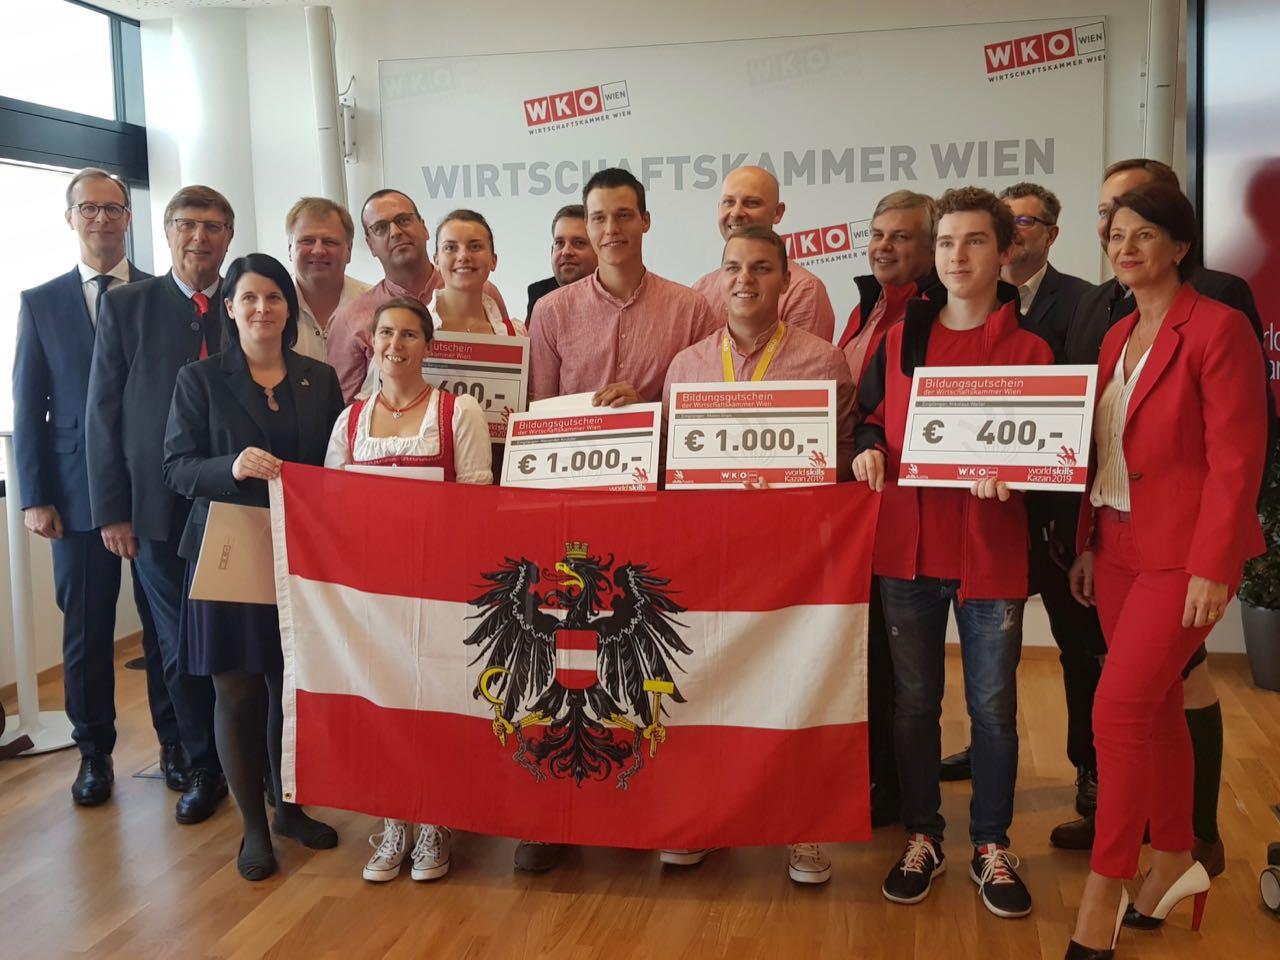 Wirtschaftskammer Wien gratuliert